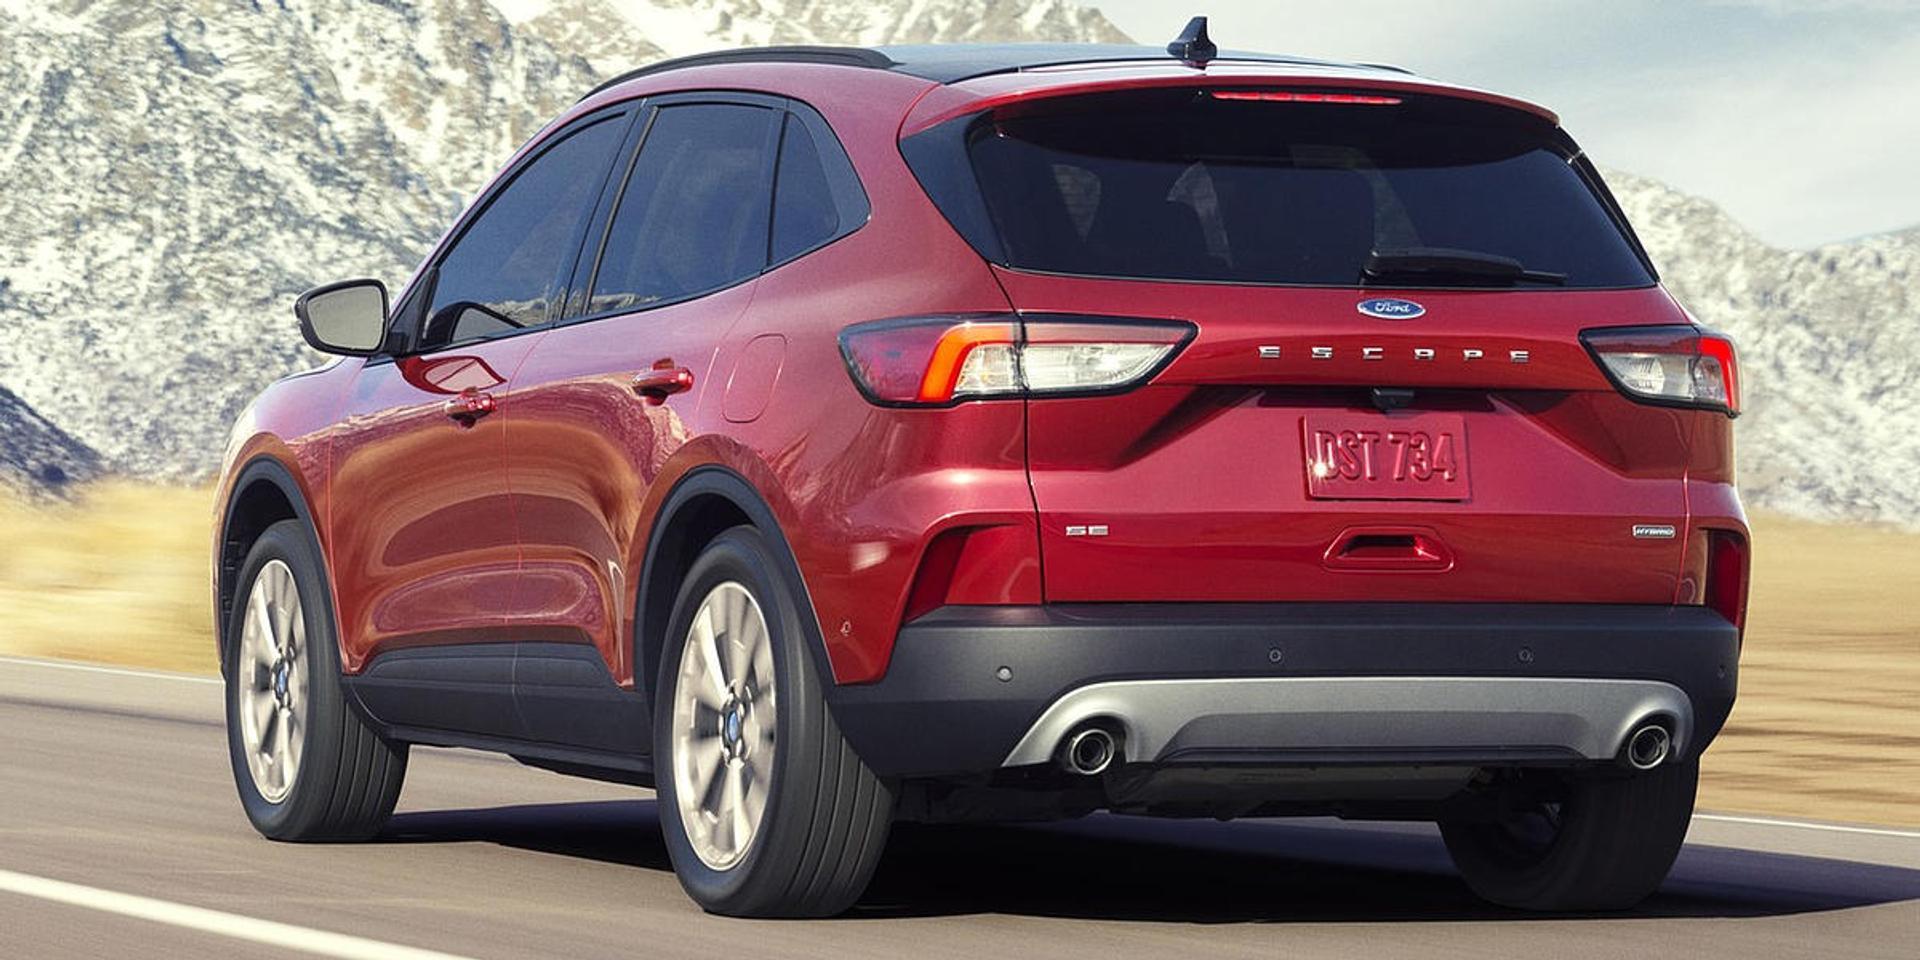 Ford Escape rear view